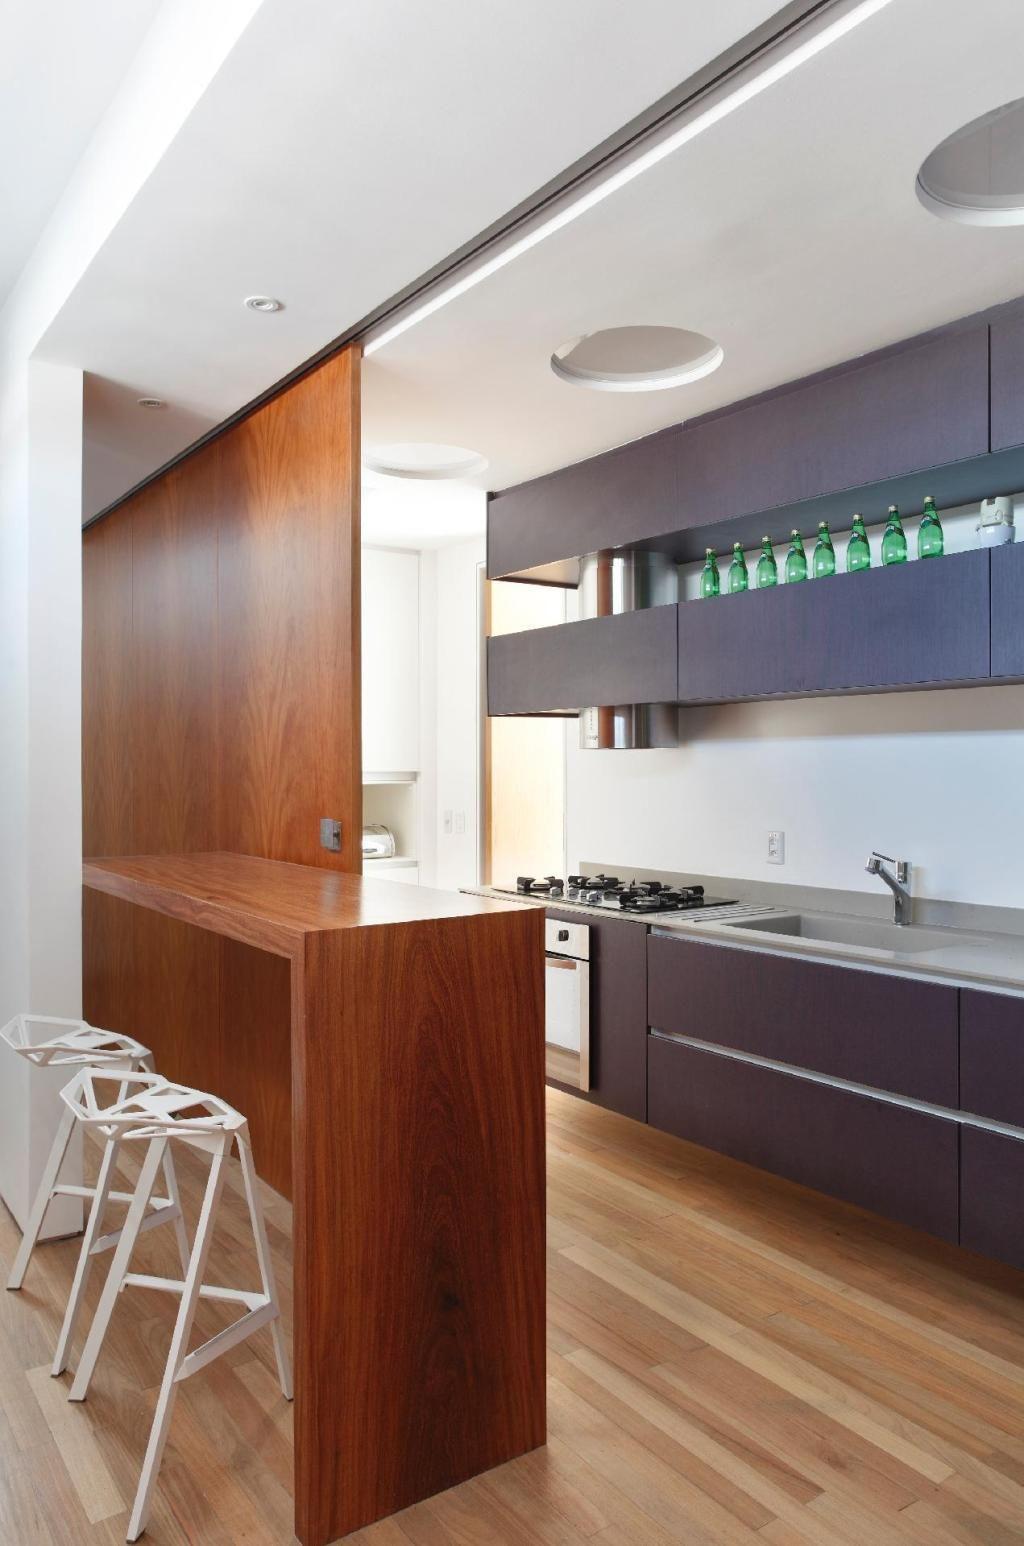 Ideen für küchenbeleuchtung ohne insel geplante küche  fotos preise und projekte  zuhause  pinterest